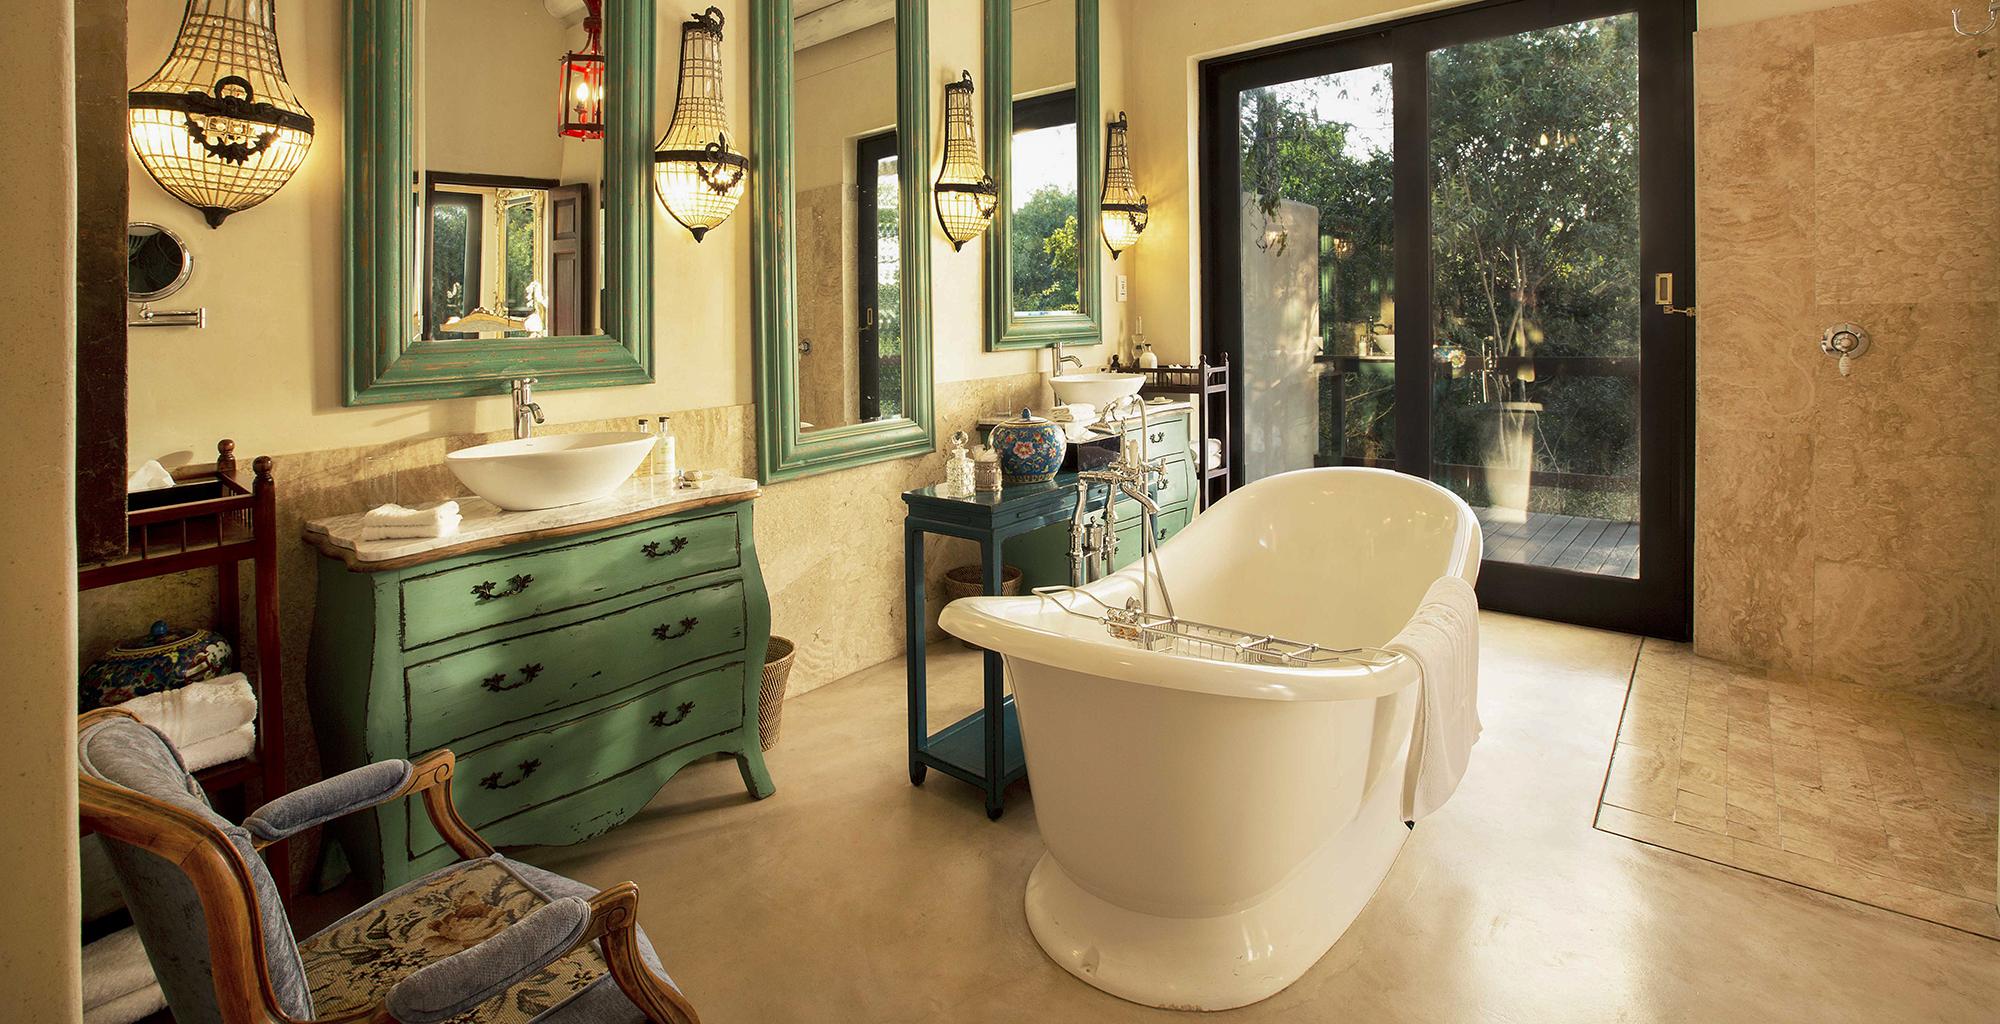 South-Africa-House-Bathroom